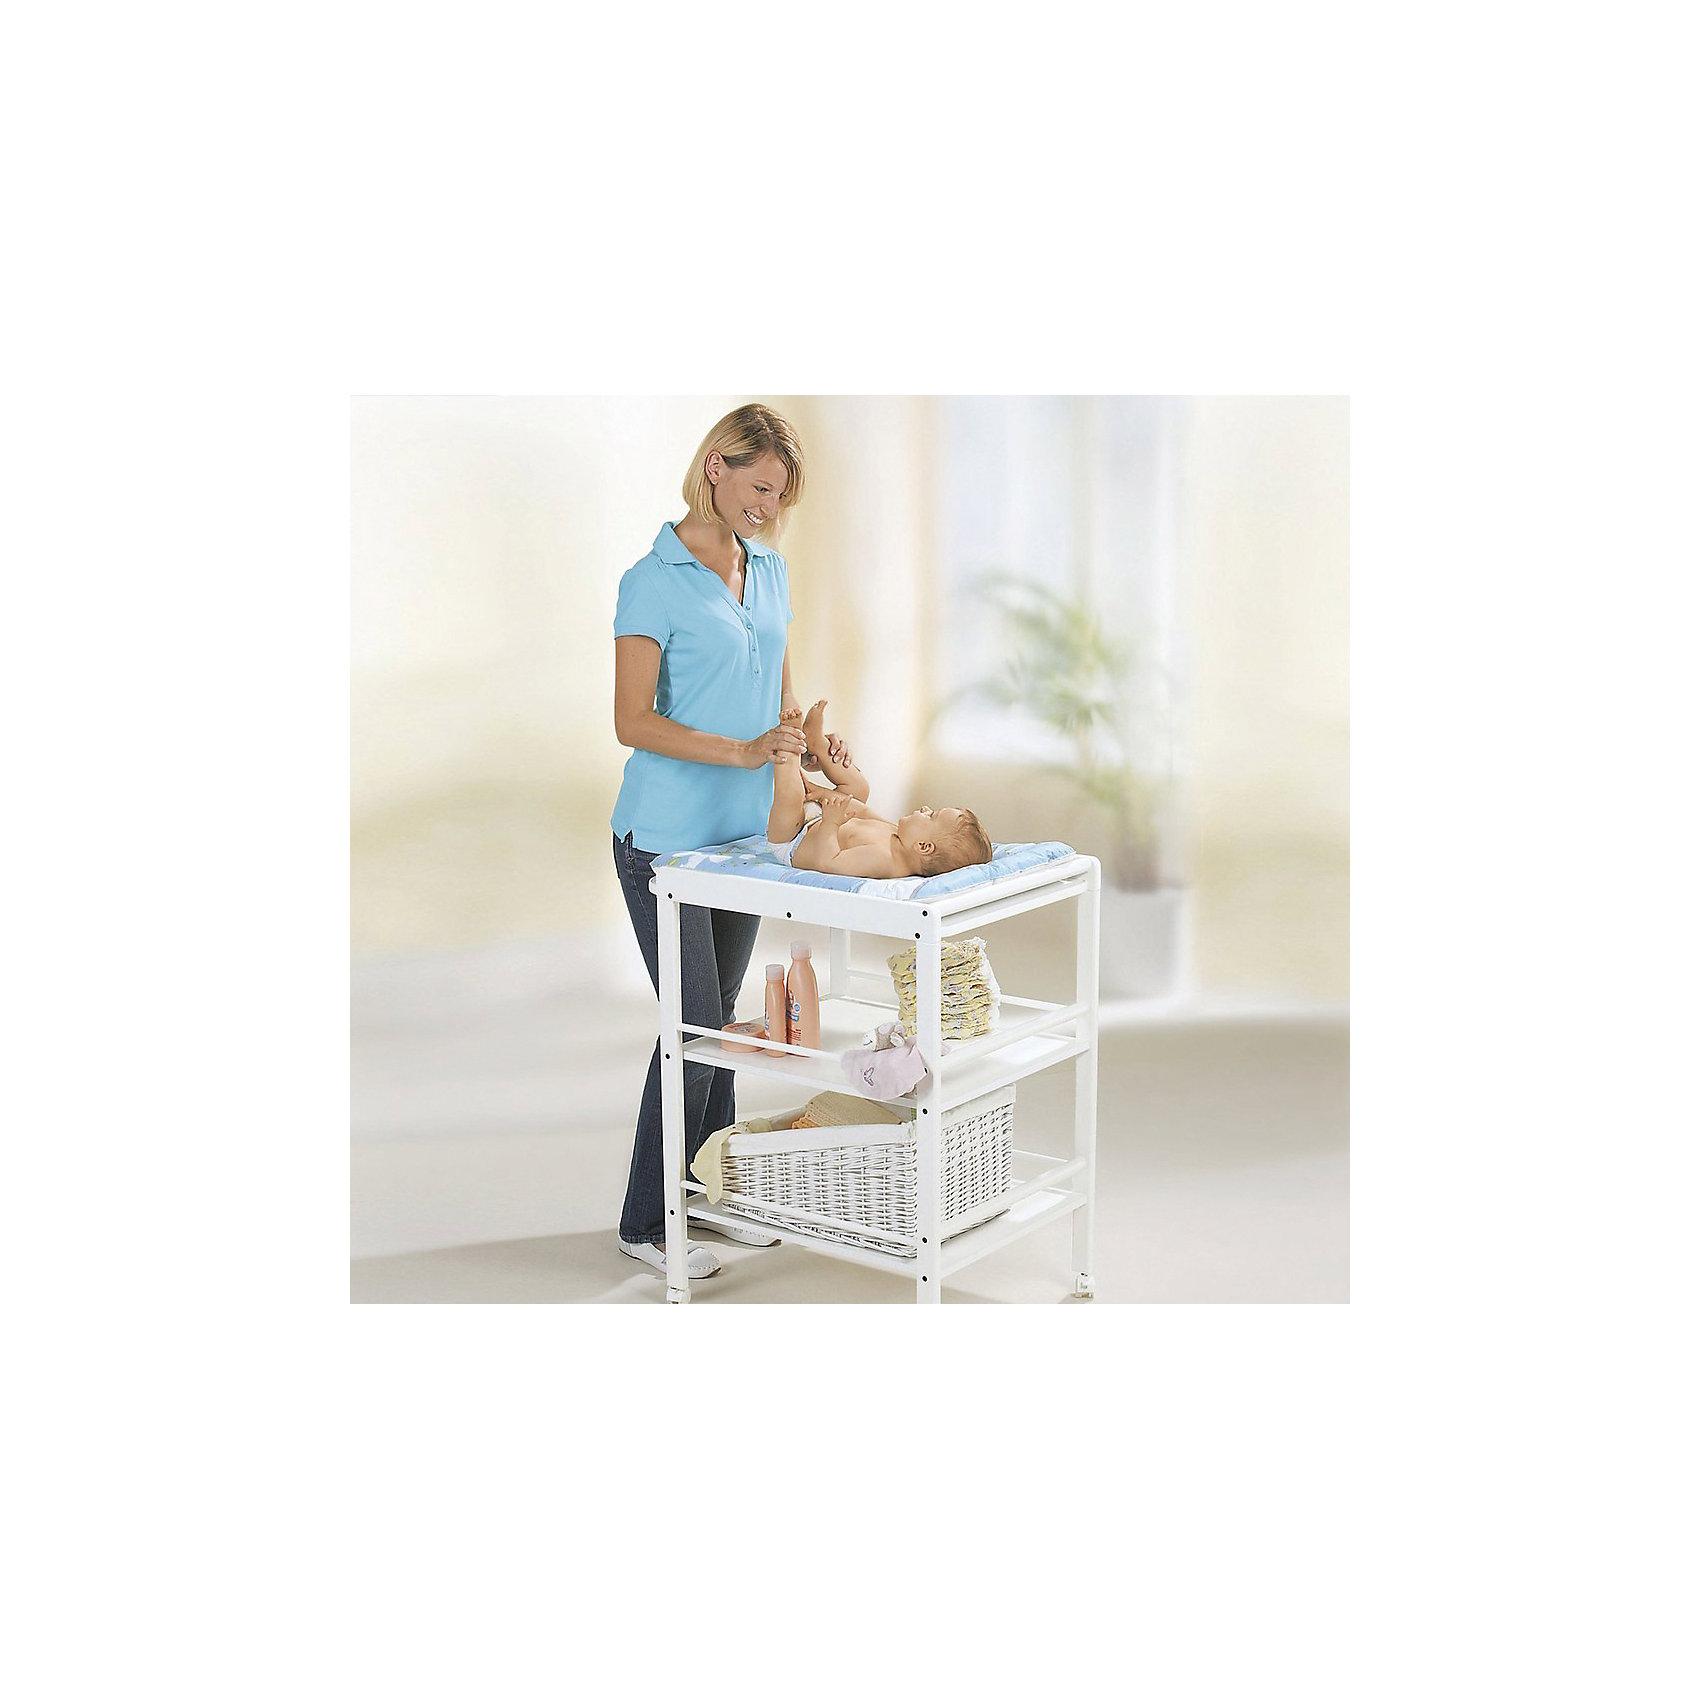 Пеленальный столик CLARISSA, Geuther, белый